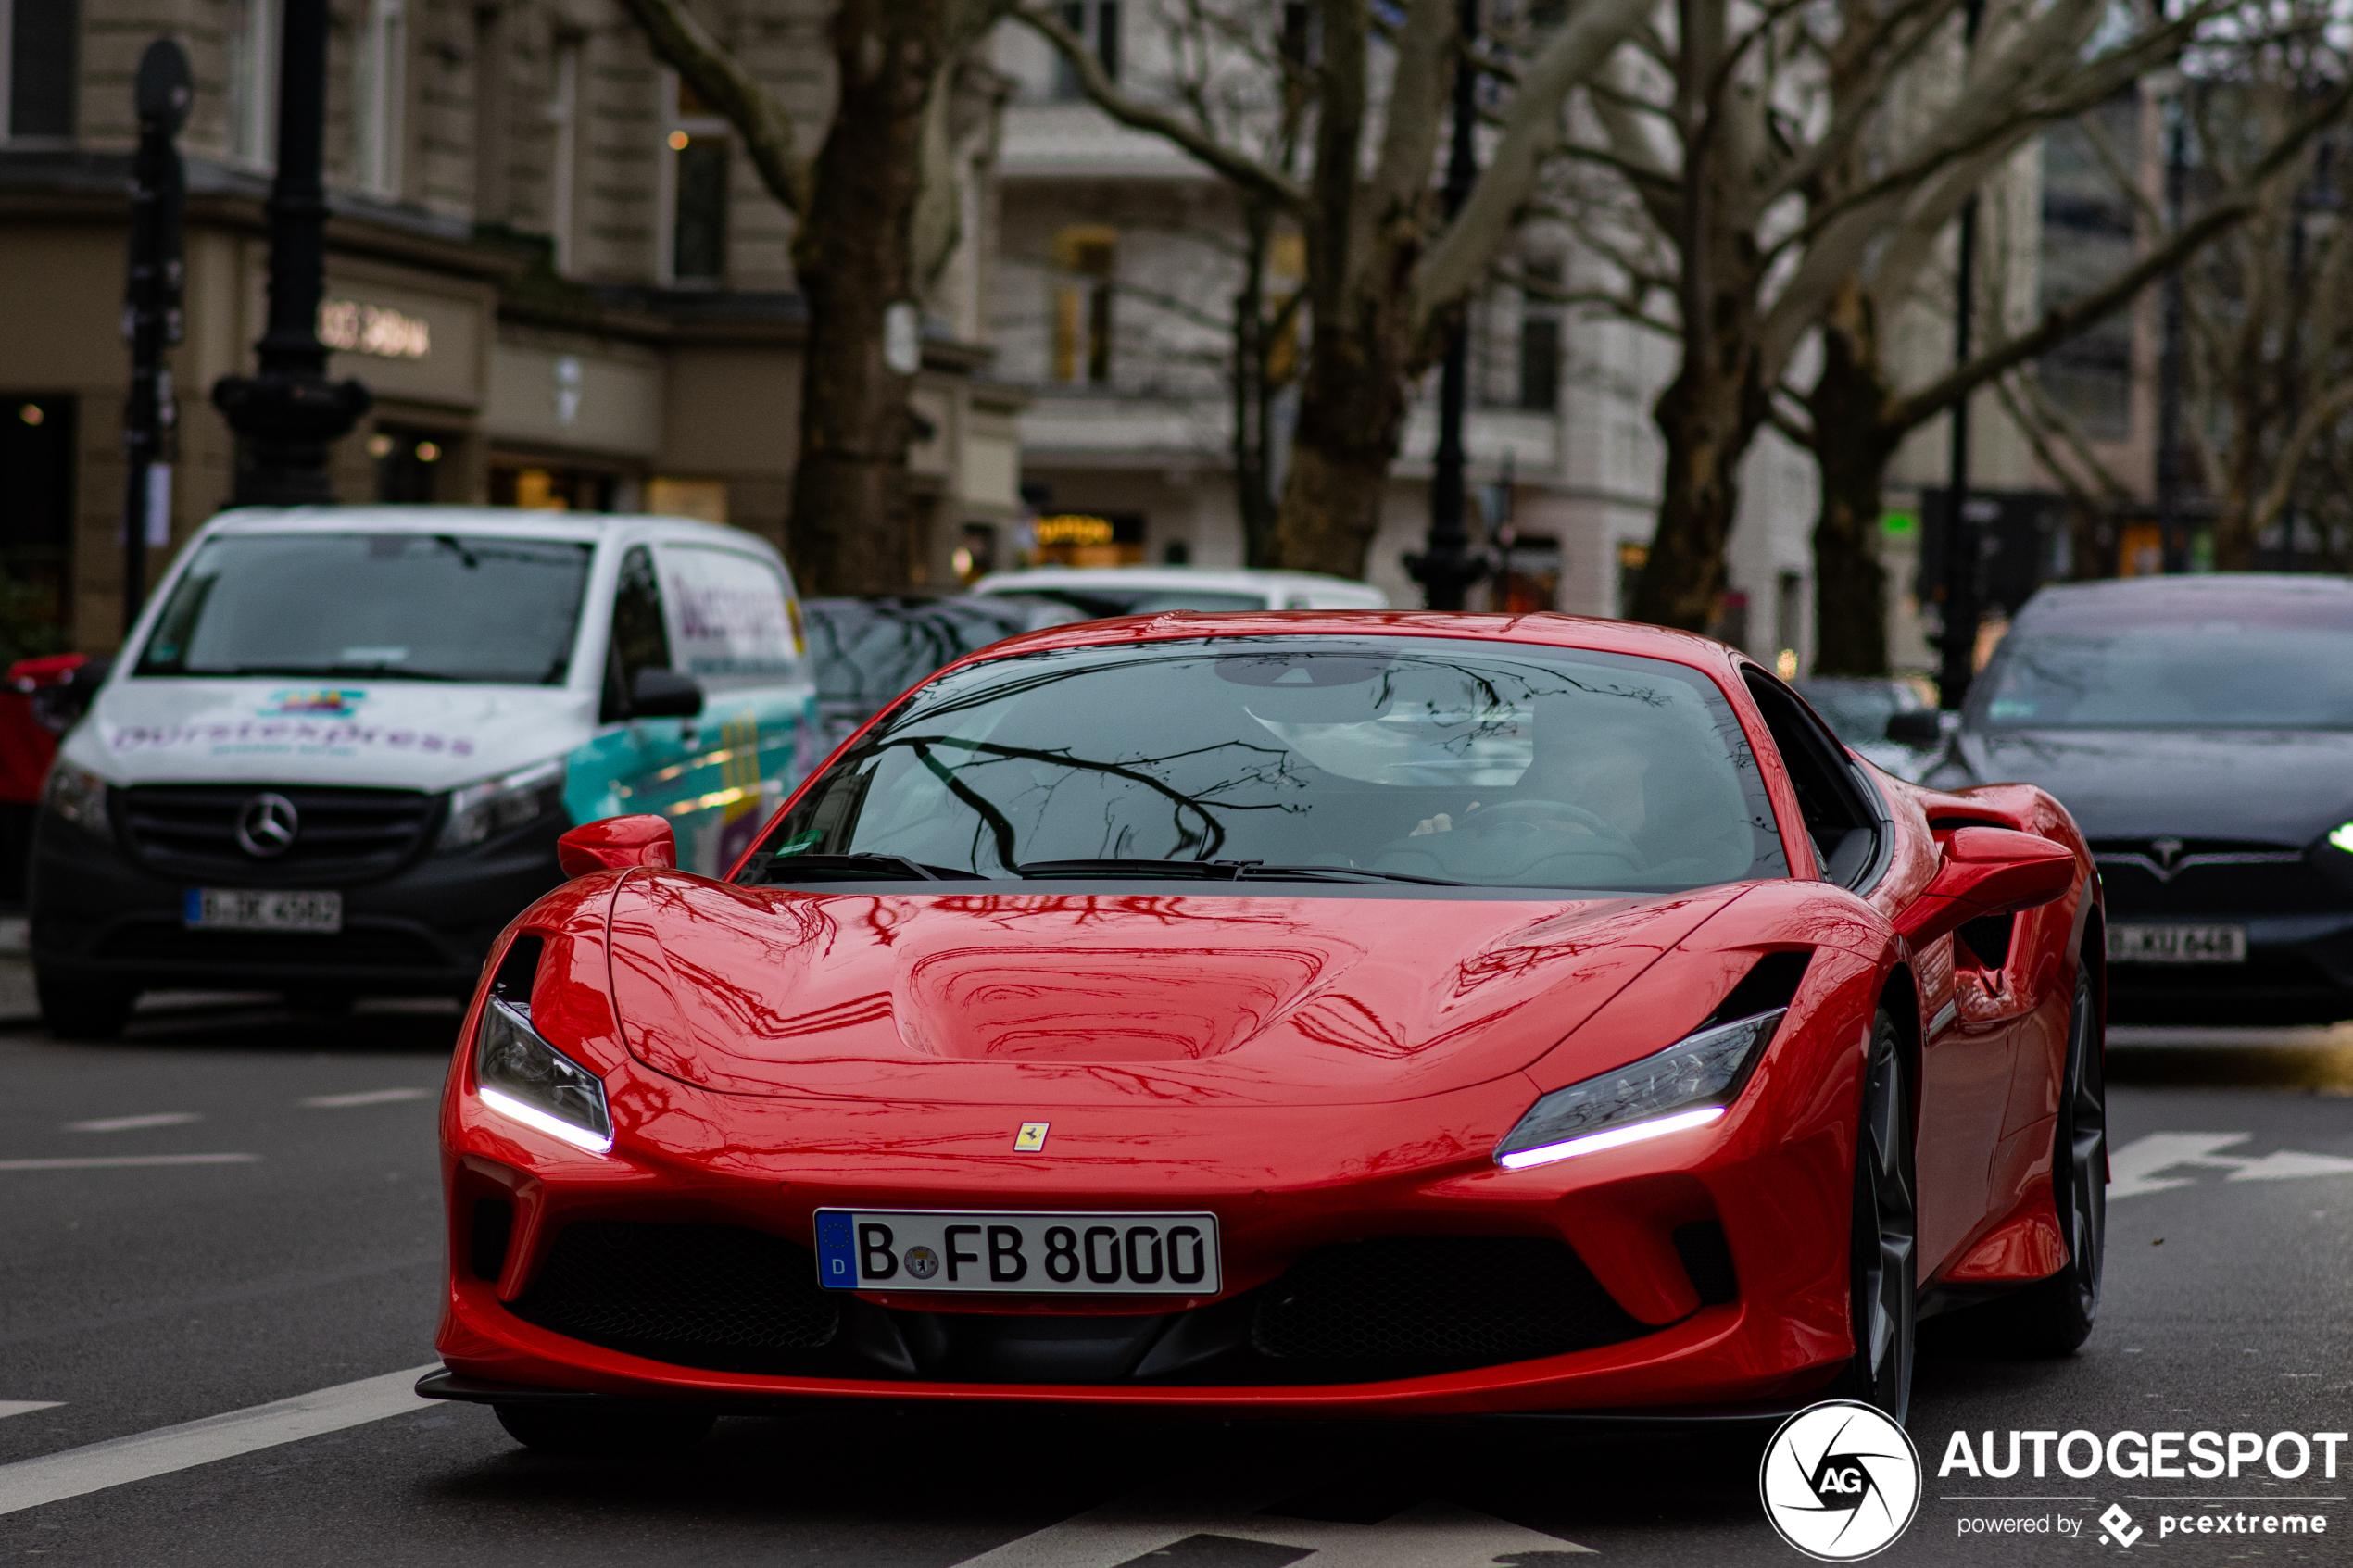 Ferrari F8 Tributo maakt zijn opwachting in Berlijn